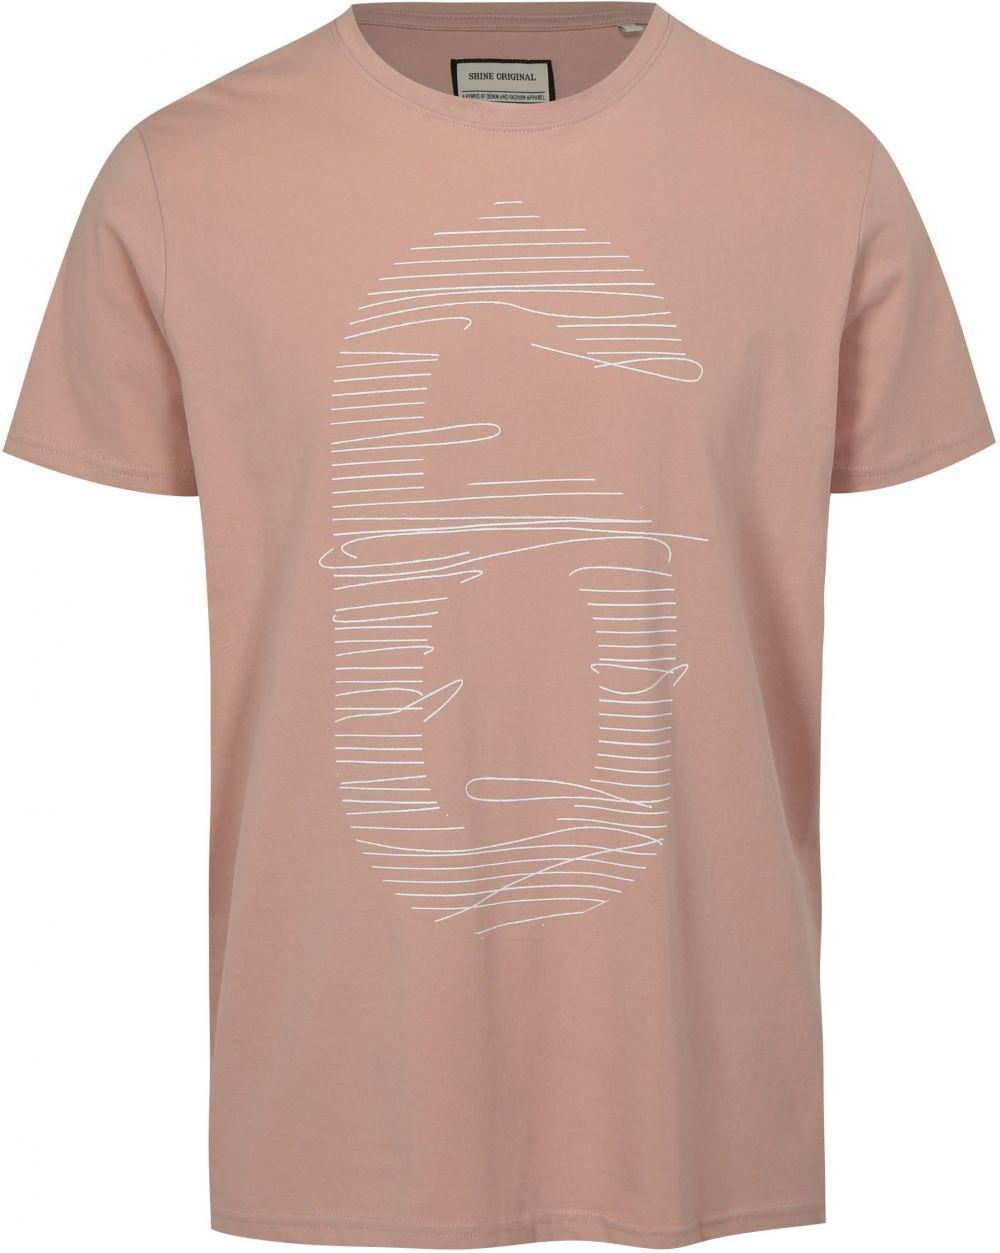 a087d79fa3df Svetloružové tričko s potlačou číslice Shine Original značky Shine Original  - Lovely.sk